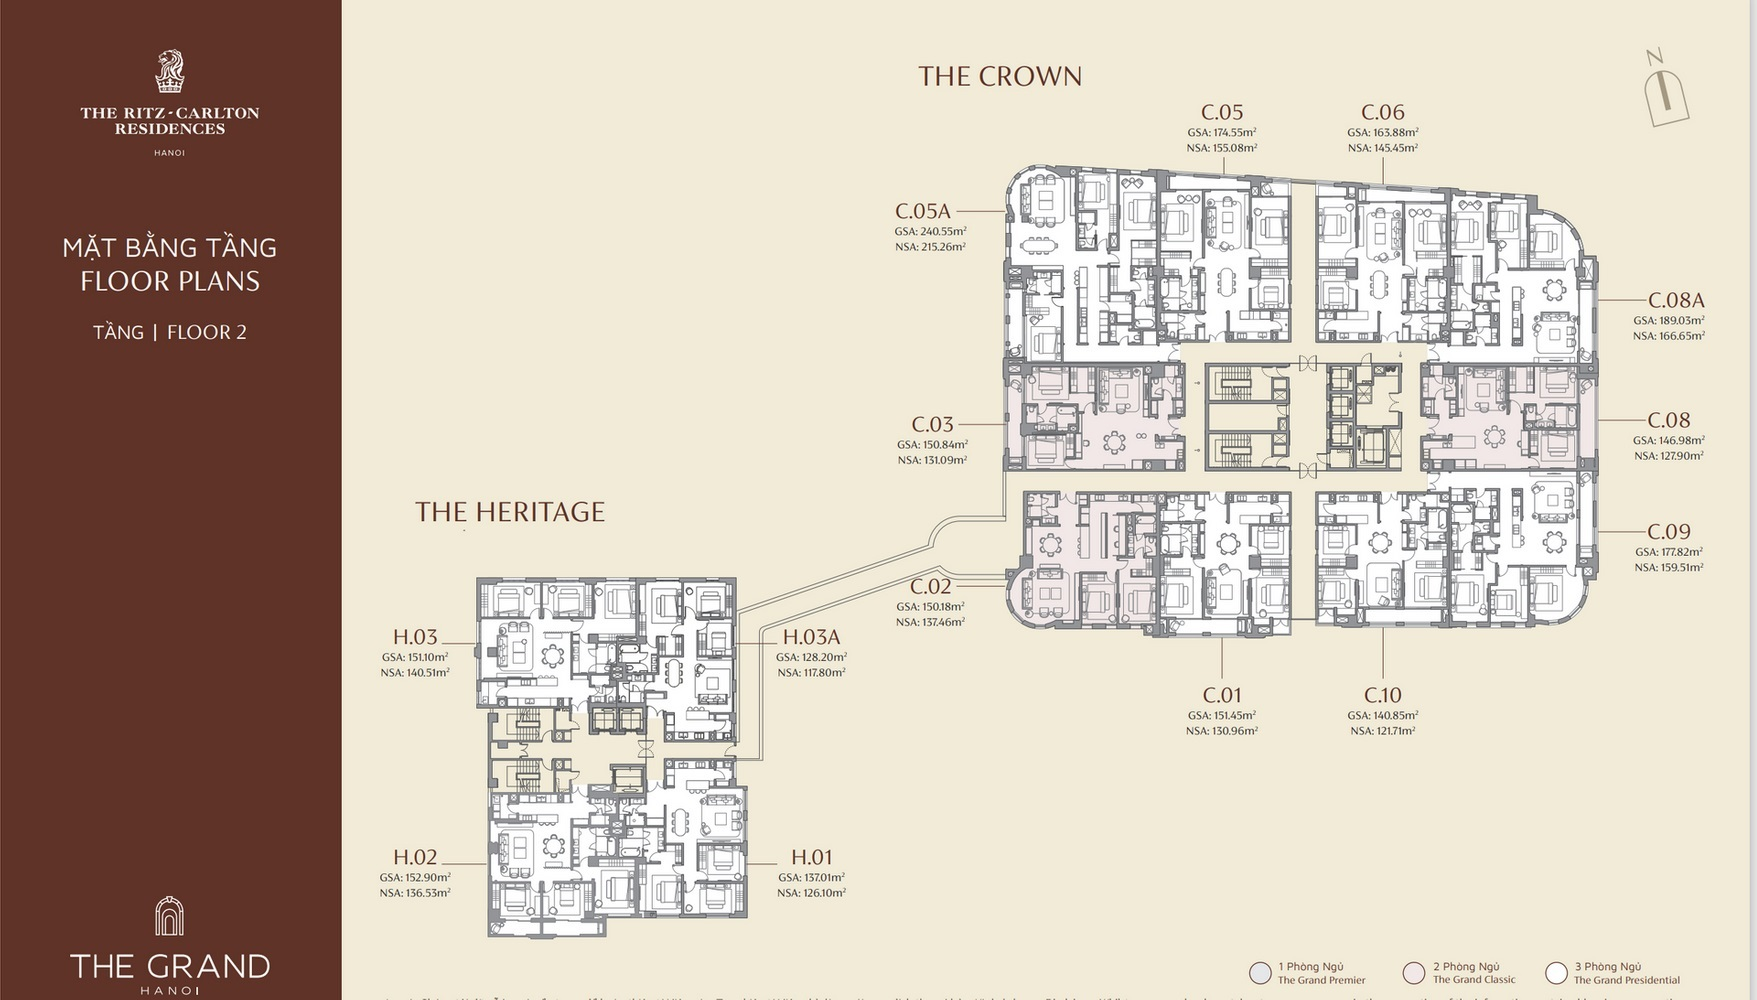 mặt bằng tầng 2 dự án the grand hà nội